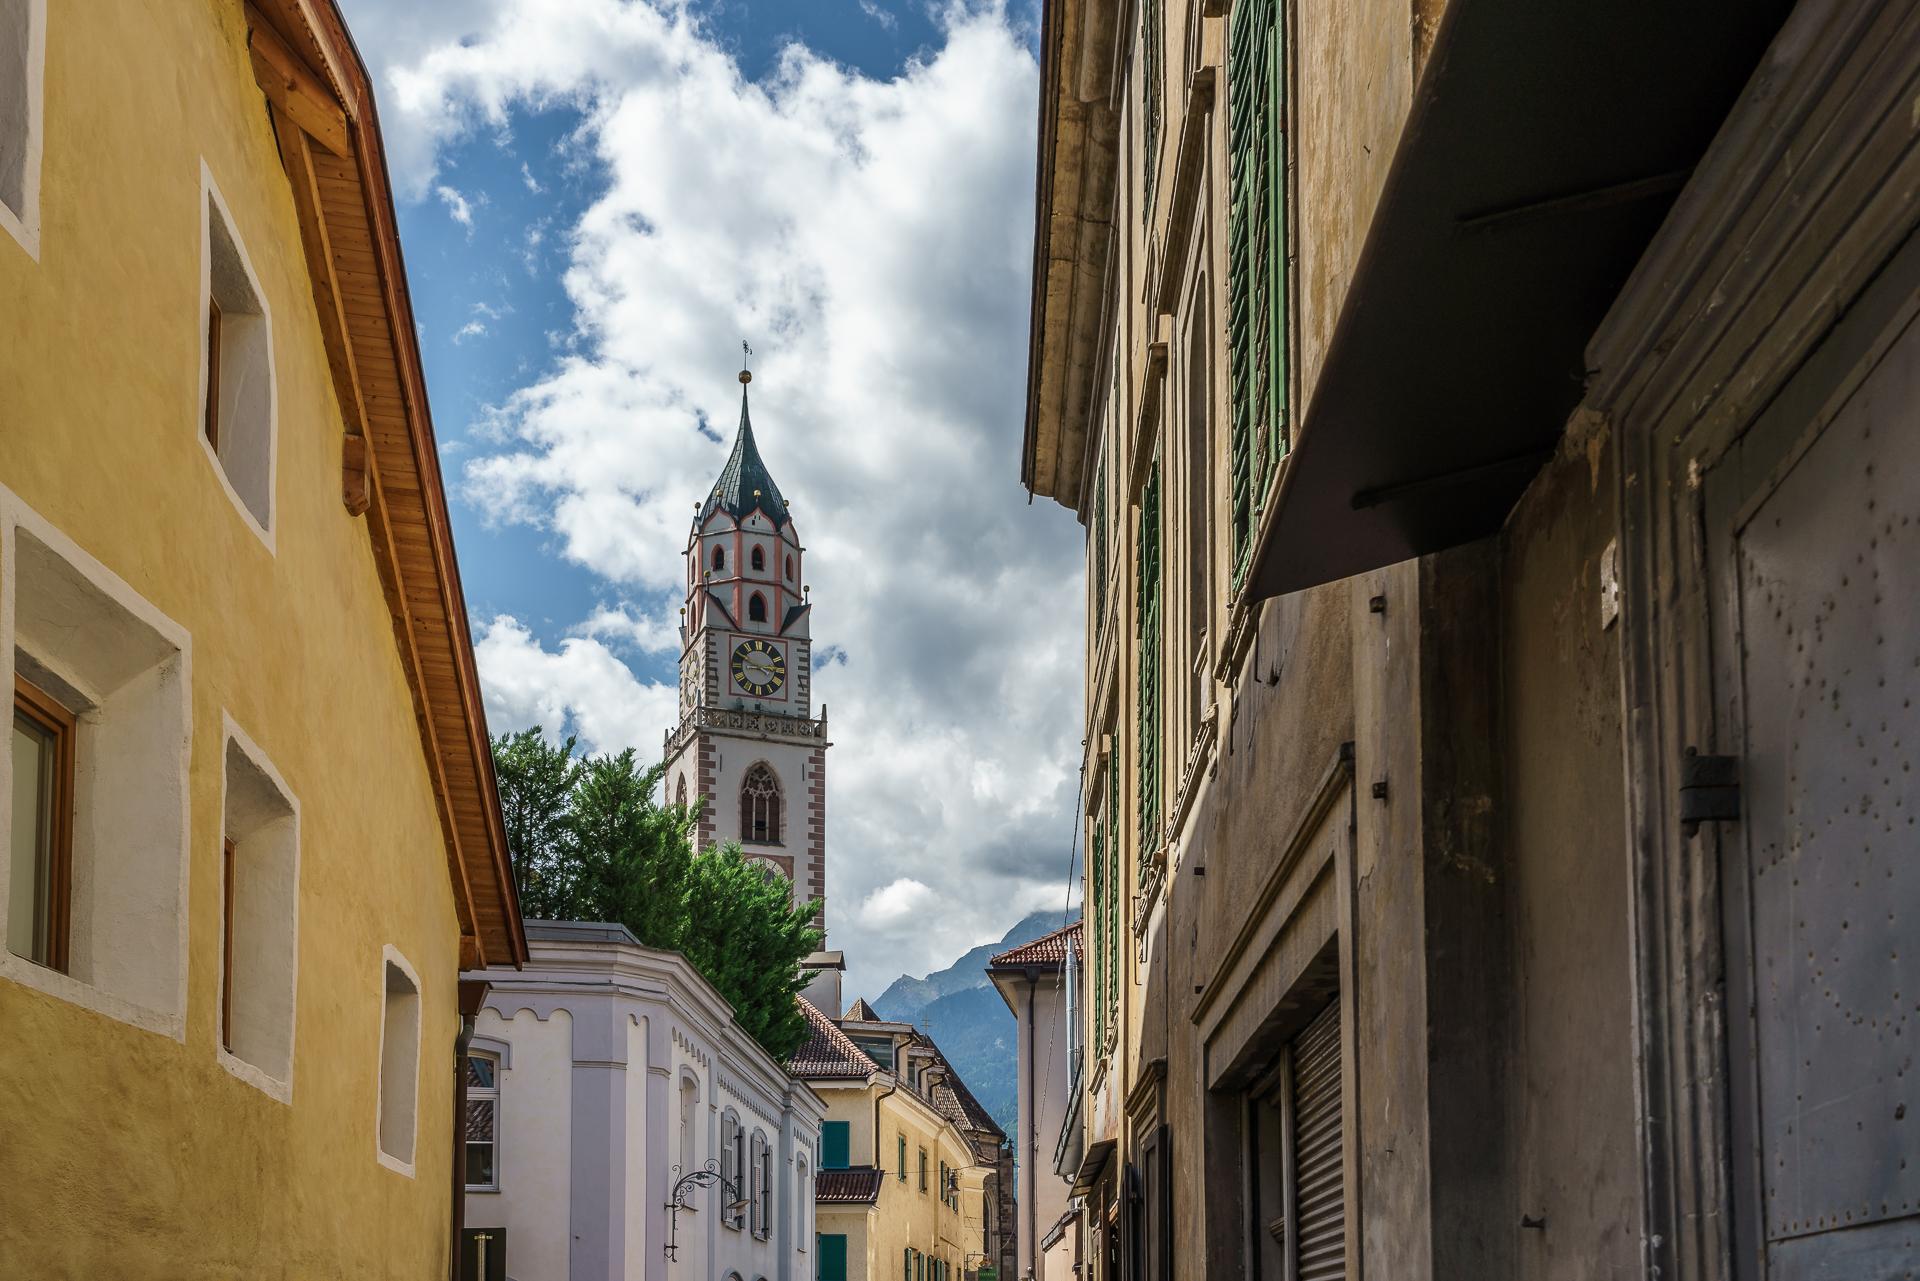 Meran-Suedtirol-Altstadt